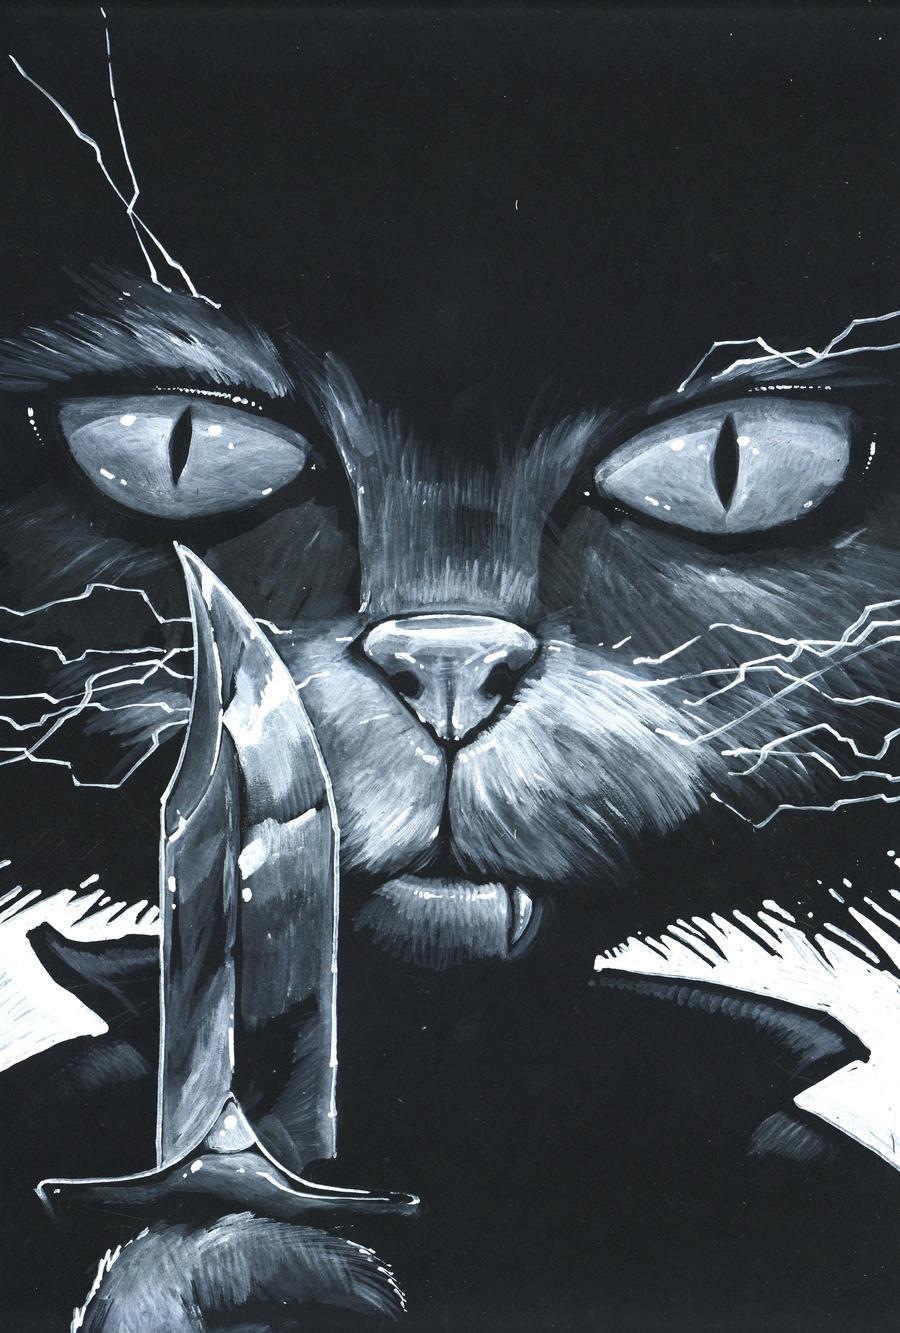 crazy cat by DanielGrzeszkiewicz